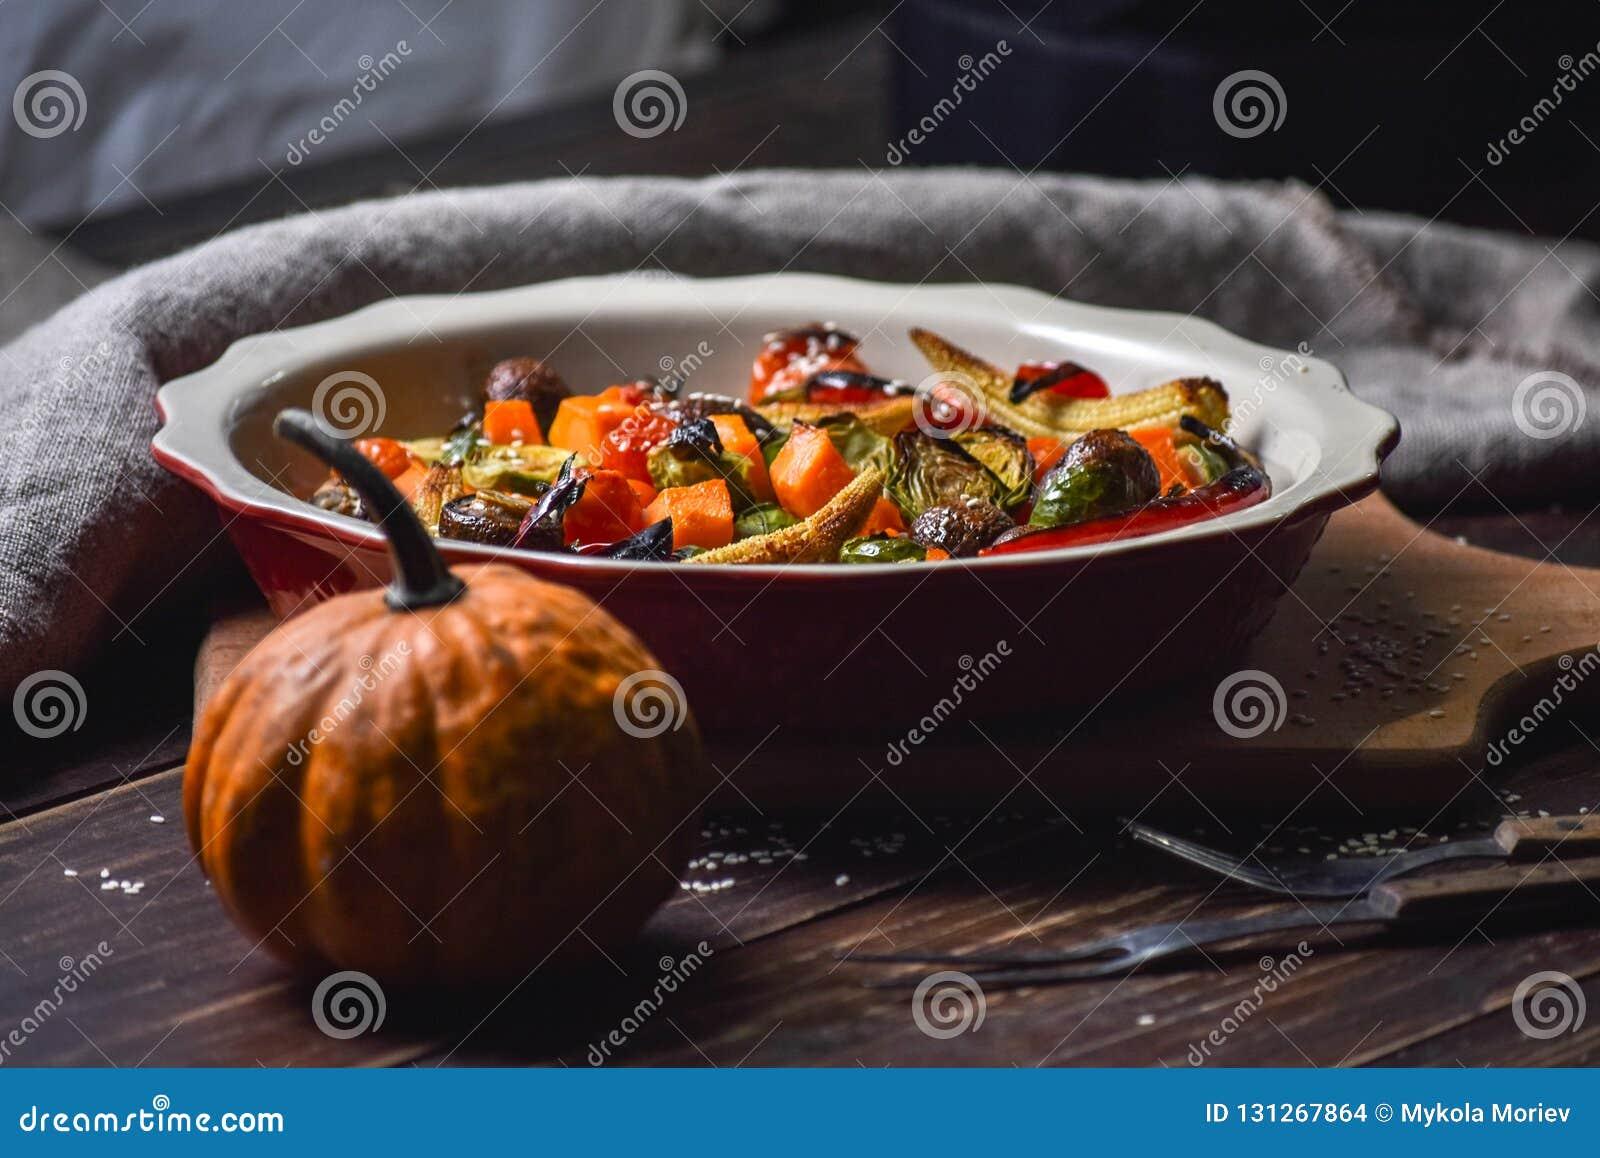 Αγροτική ακόμα ζωή των ψημένων στη σχάρα λαχανικών και σε ένα μεγάλο κεραμικό πιάτο και τις συσκευές σε ένα ξύλινο υπόβαθρο διάστ